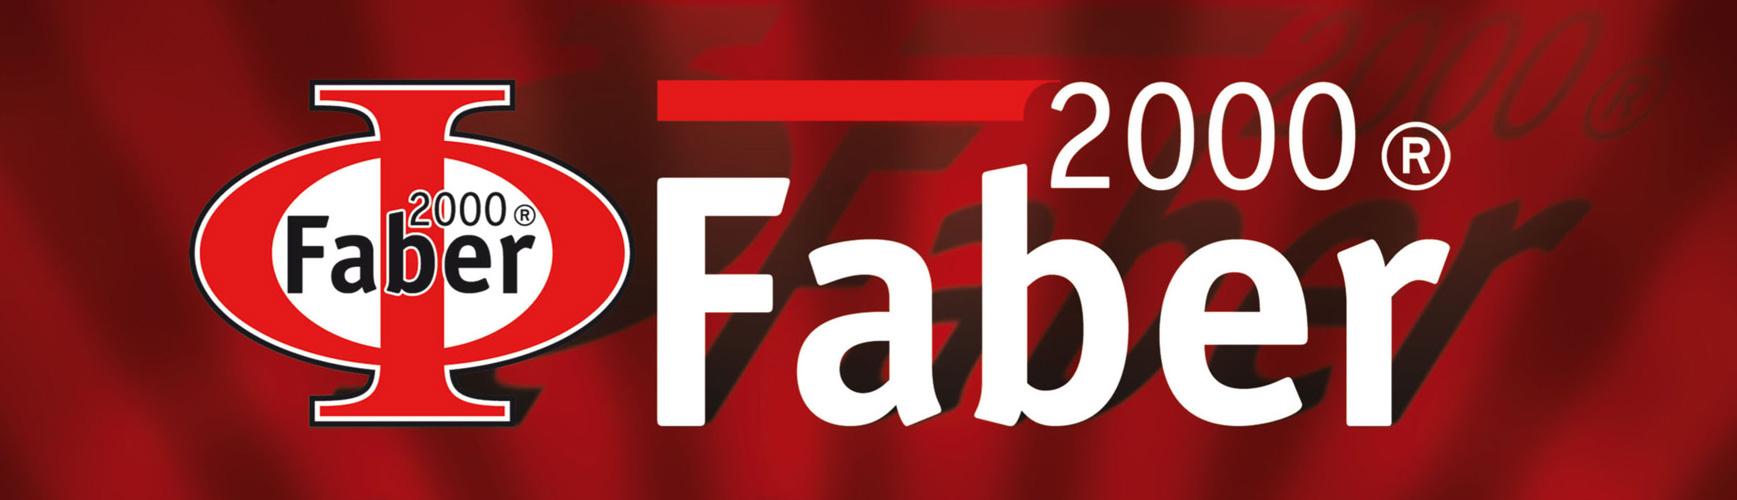 Catálogo de Compresores Faber 2000